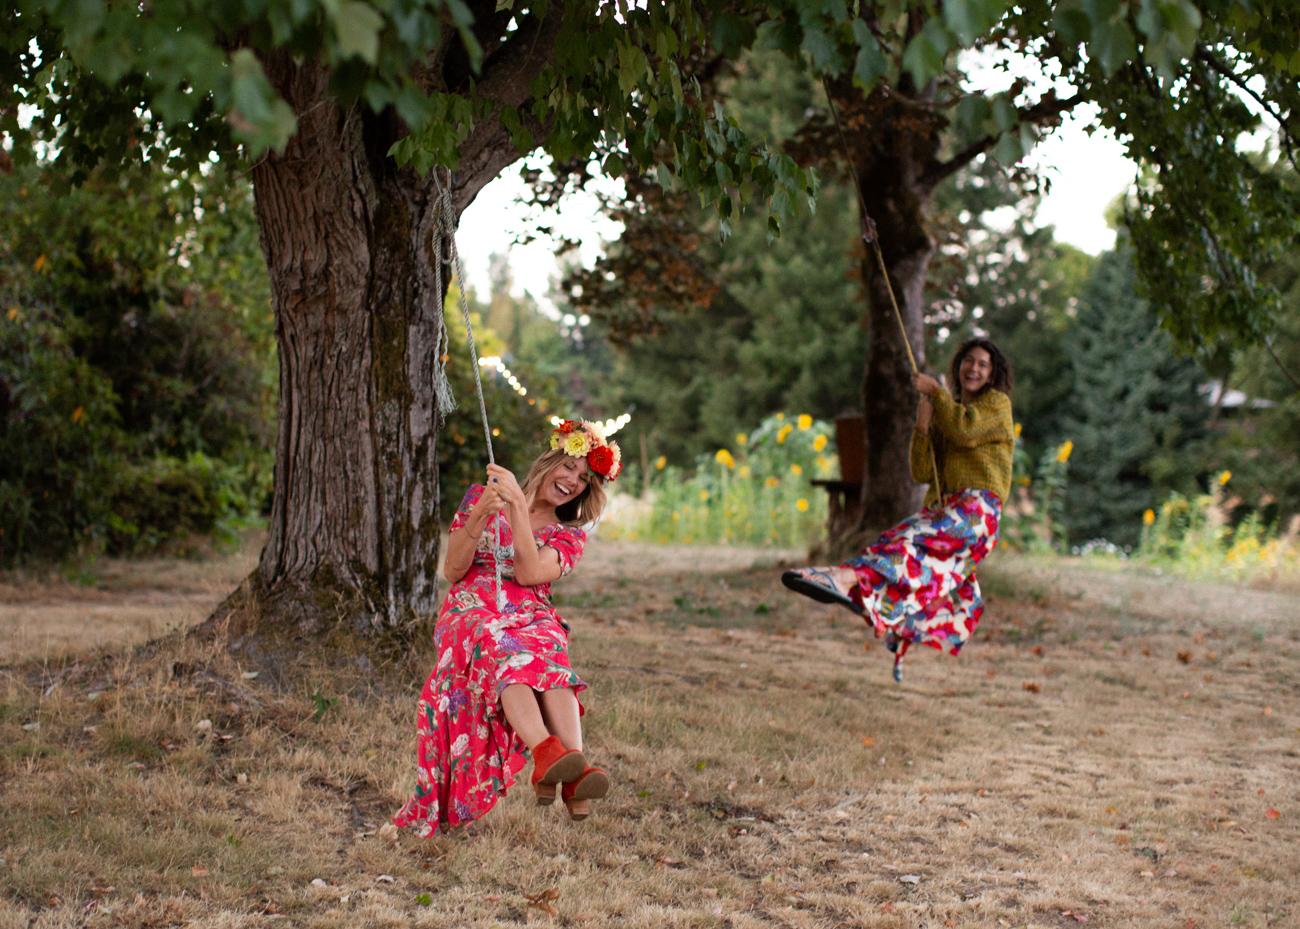 Backyard Flower Power Birthday_Olivia Ashton Photography-3.jpg